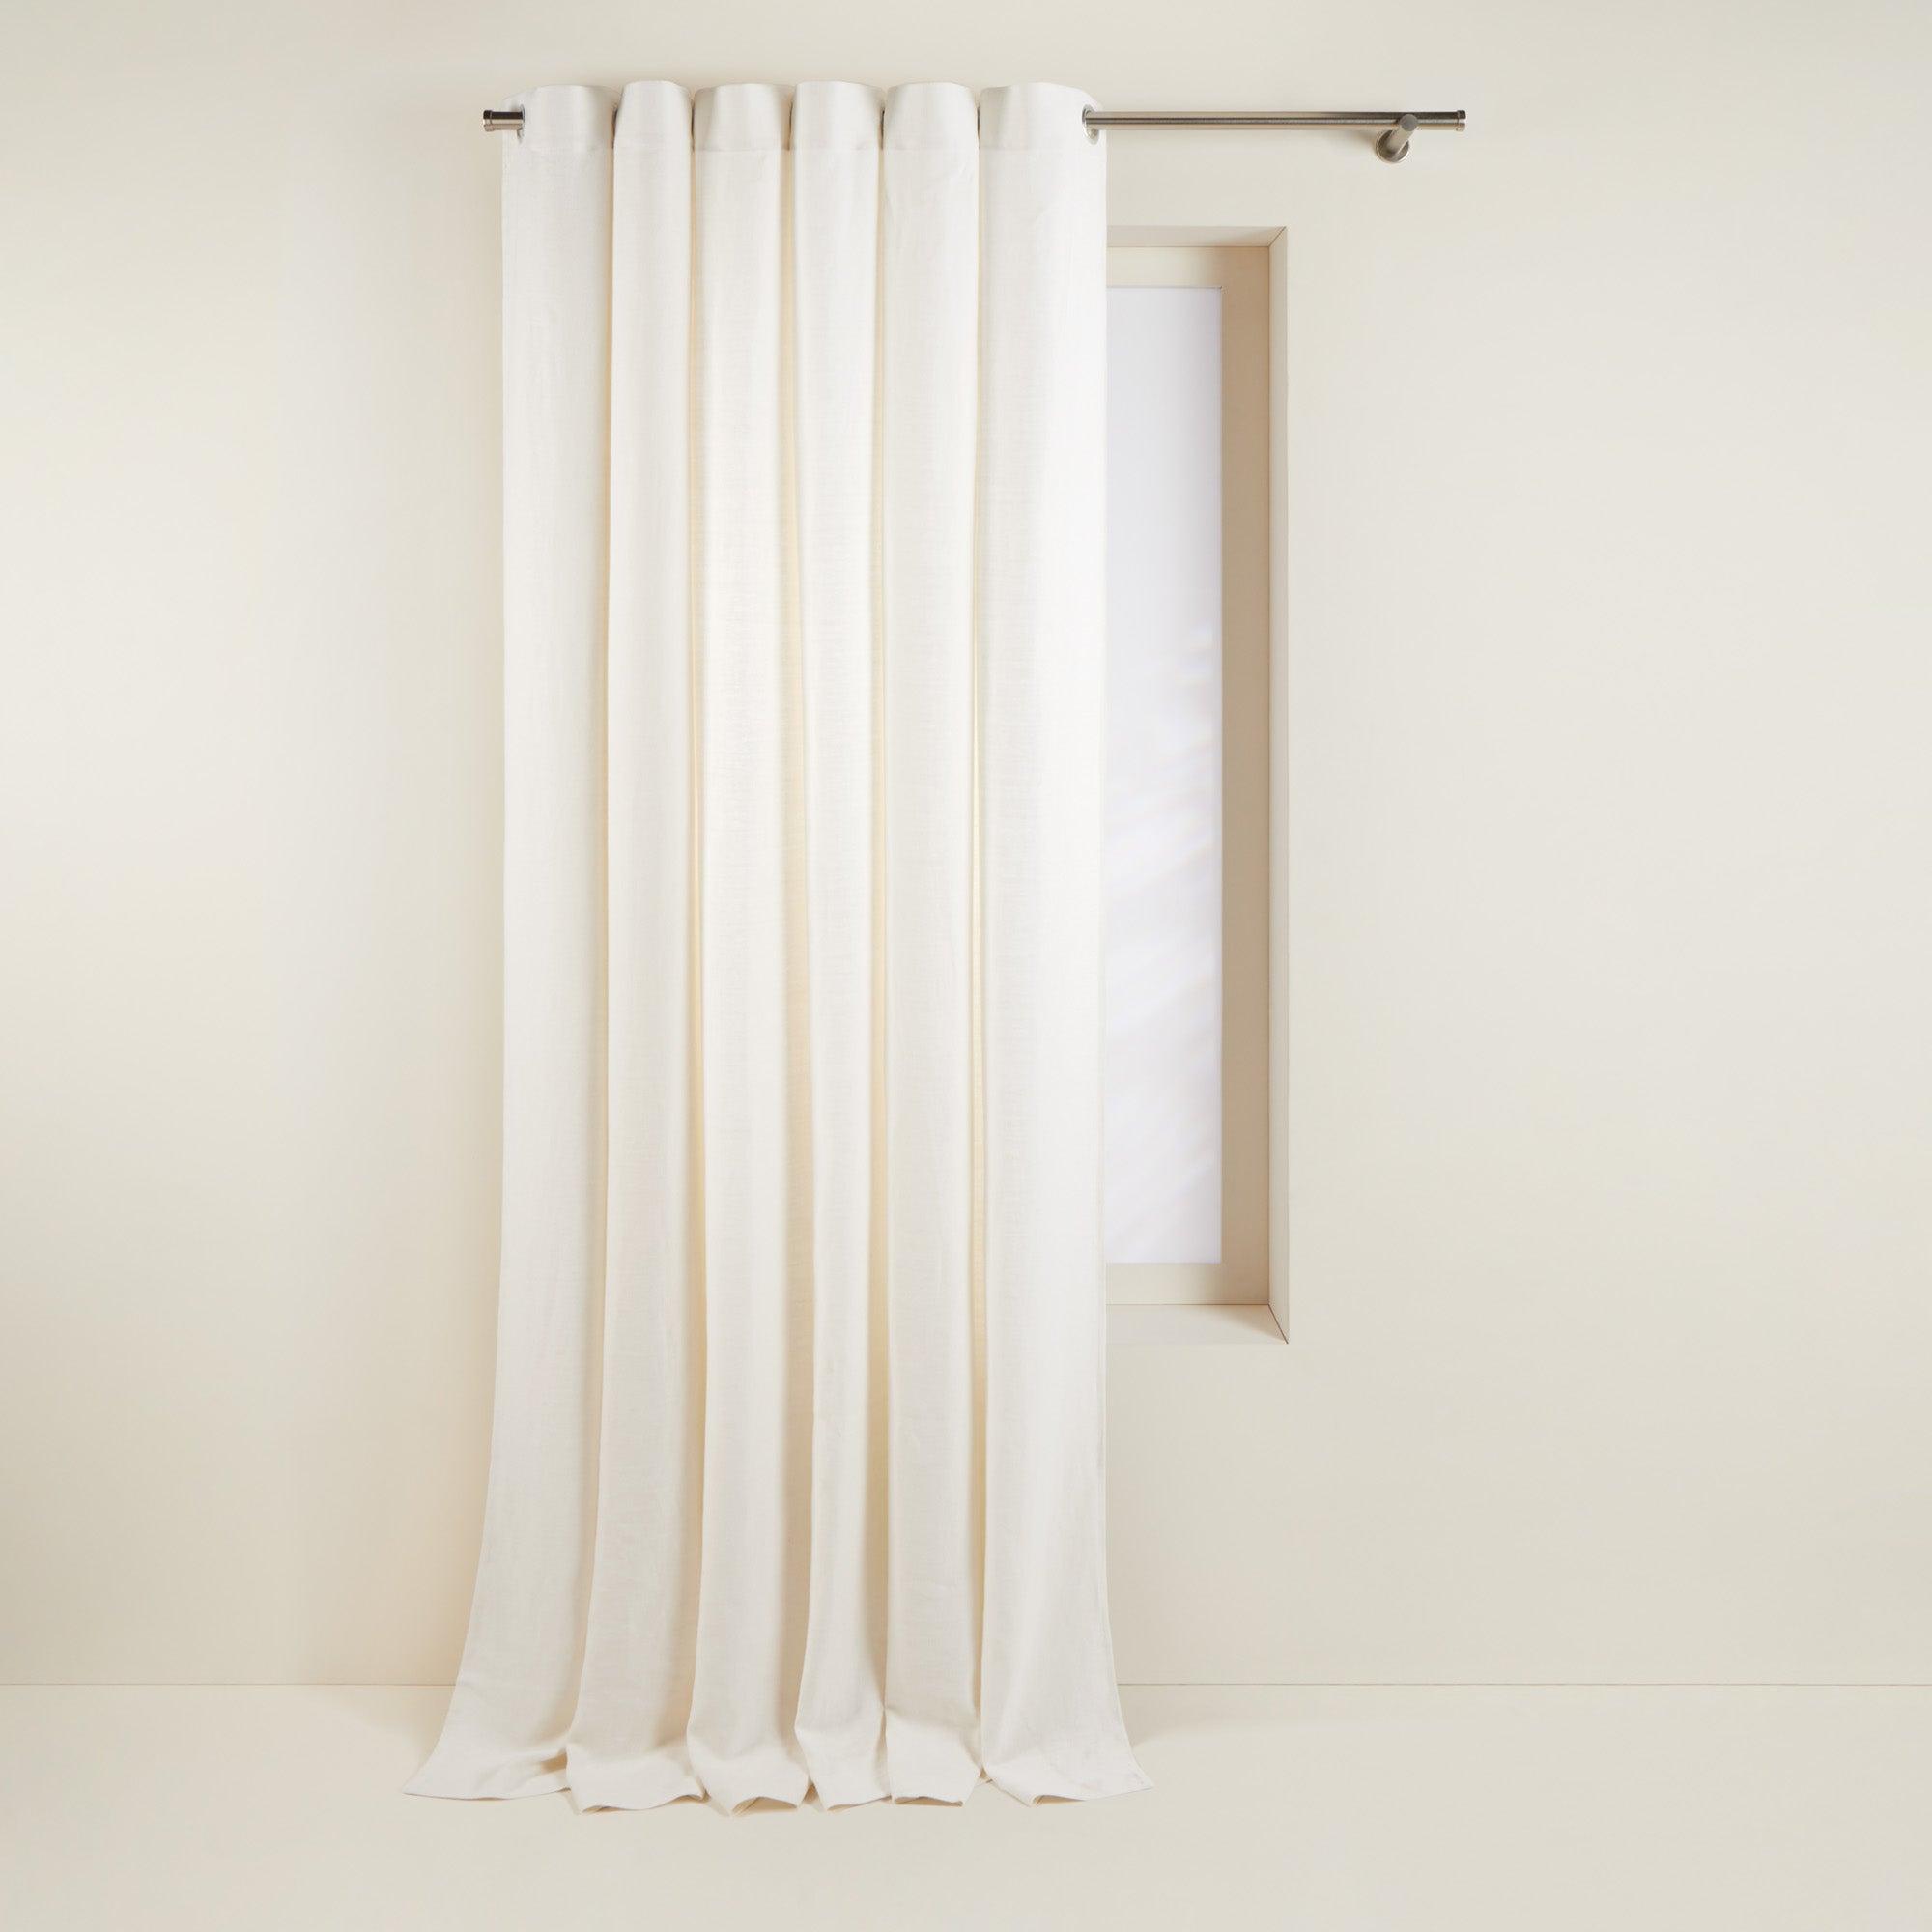 Rideau à oeillets 145x275 cm Blanc en Lin